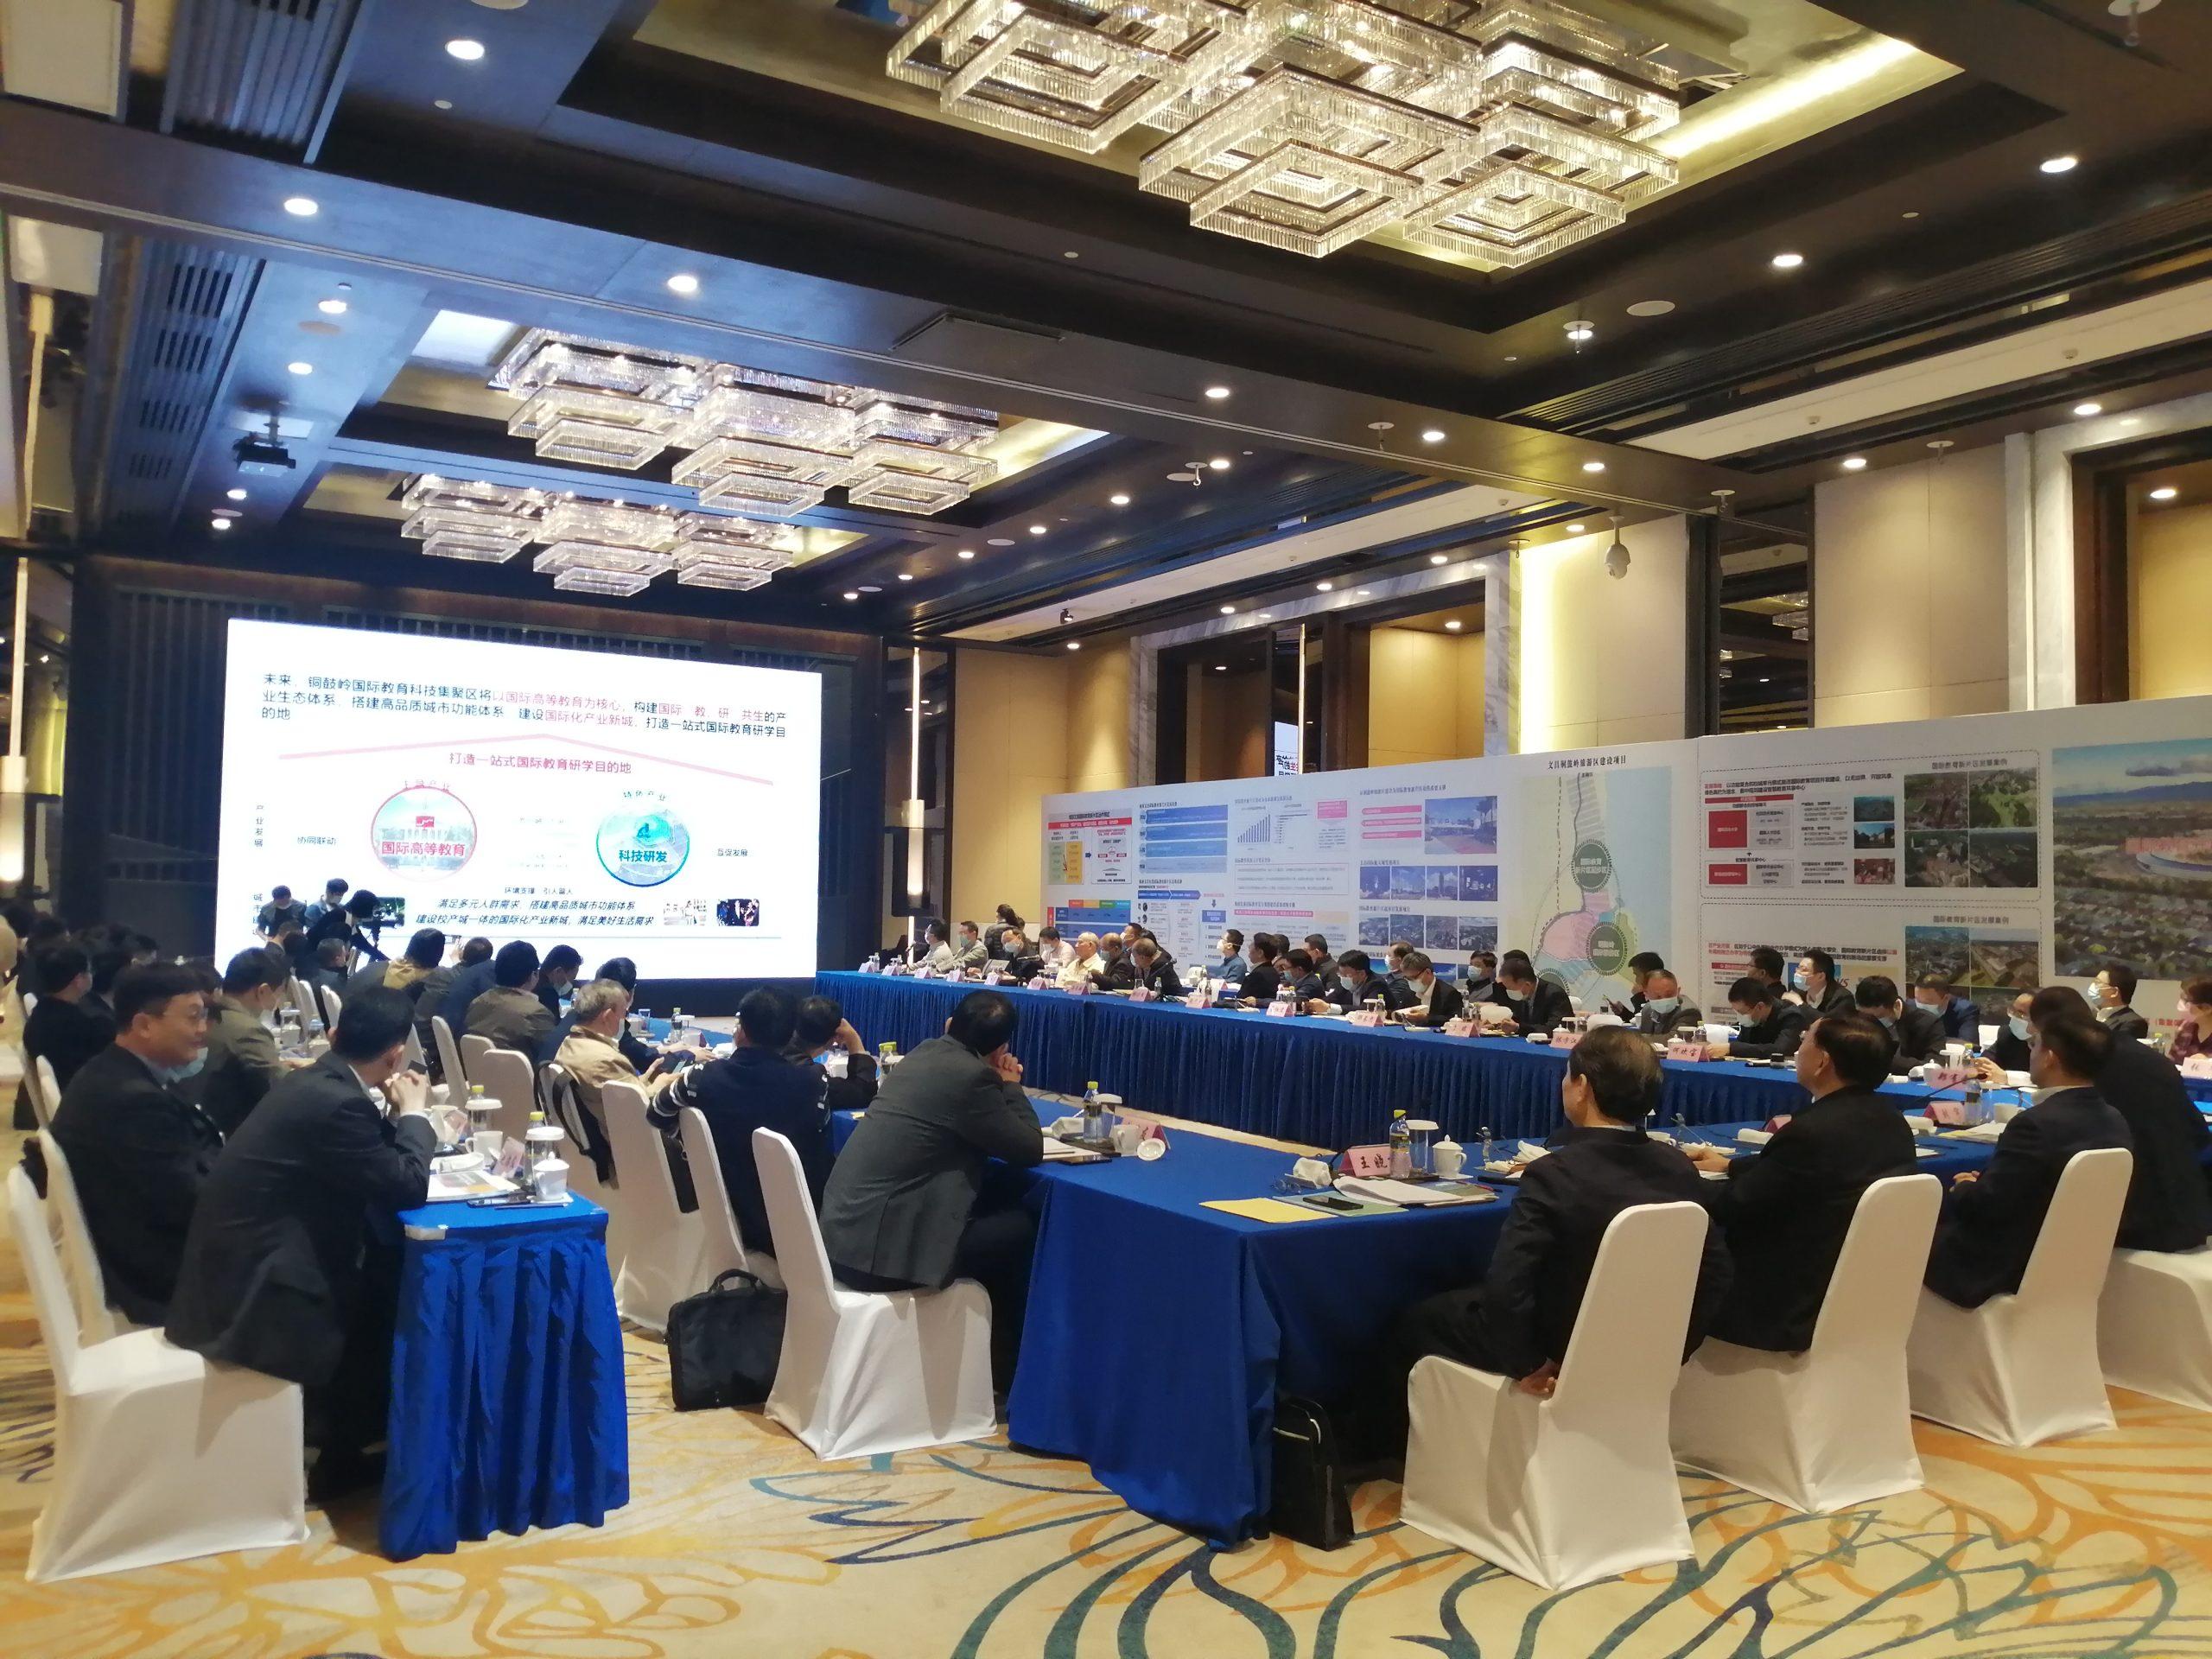 1月19日,海南文昌滨海发展战略规划研讨会在文昌举行。本报记者李佳飞摄